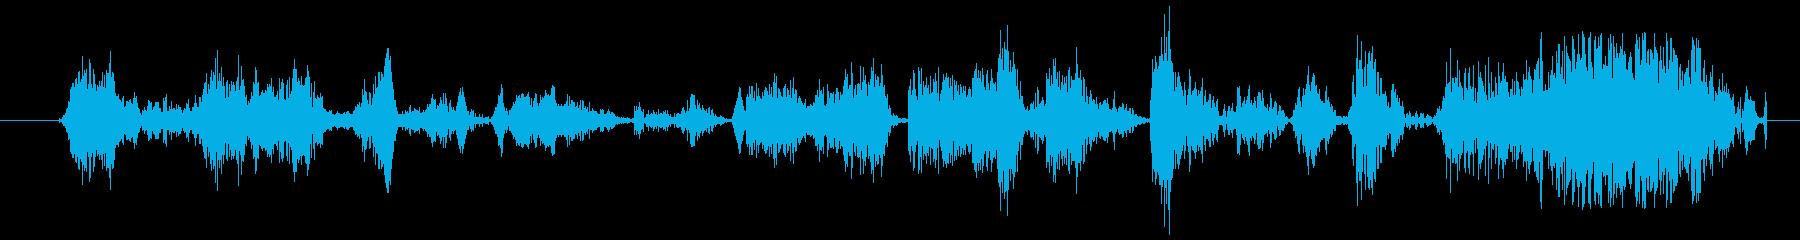 モンスター グリッチトーク08の再生済みの波形